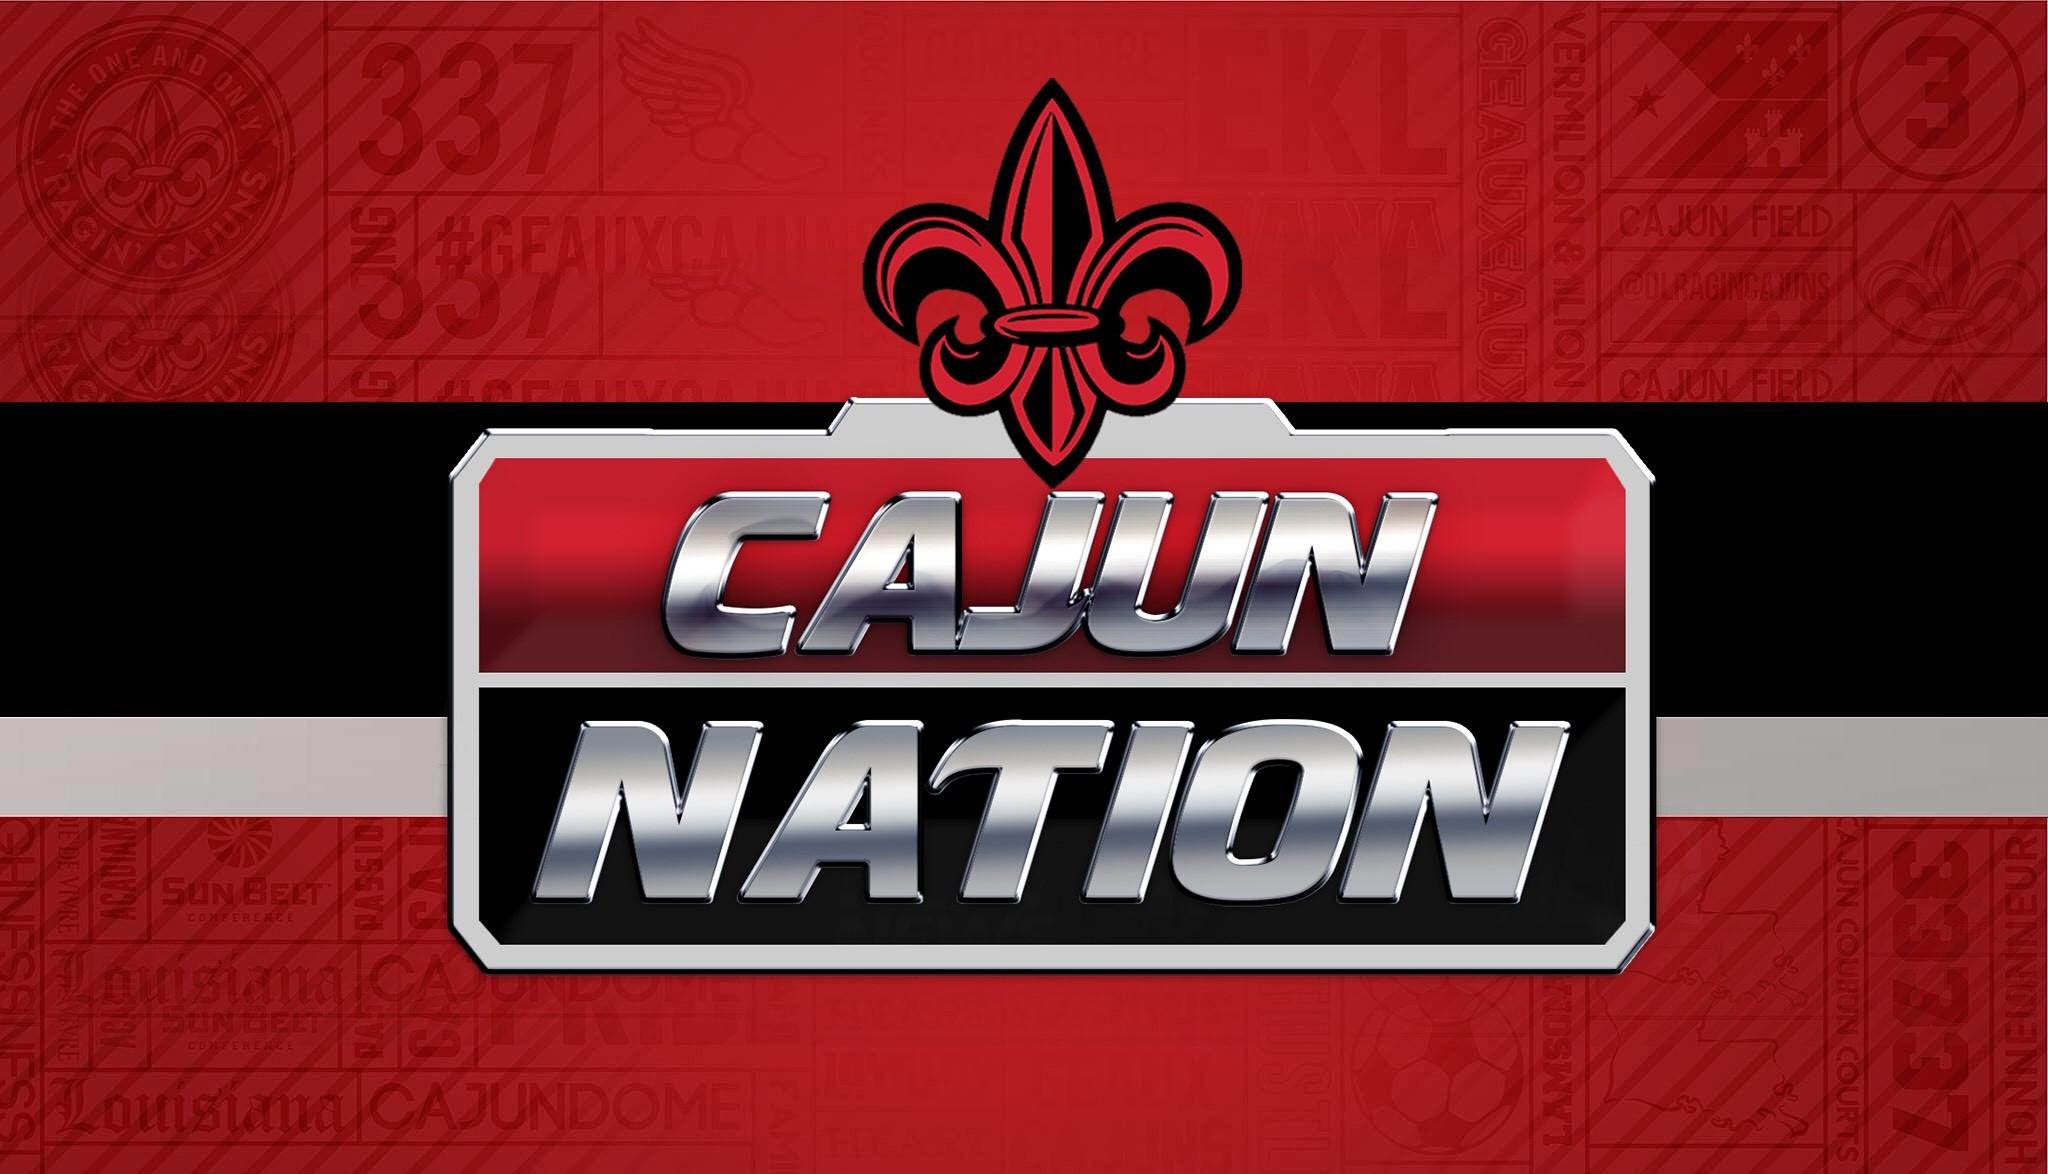 cajun nation logo